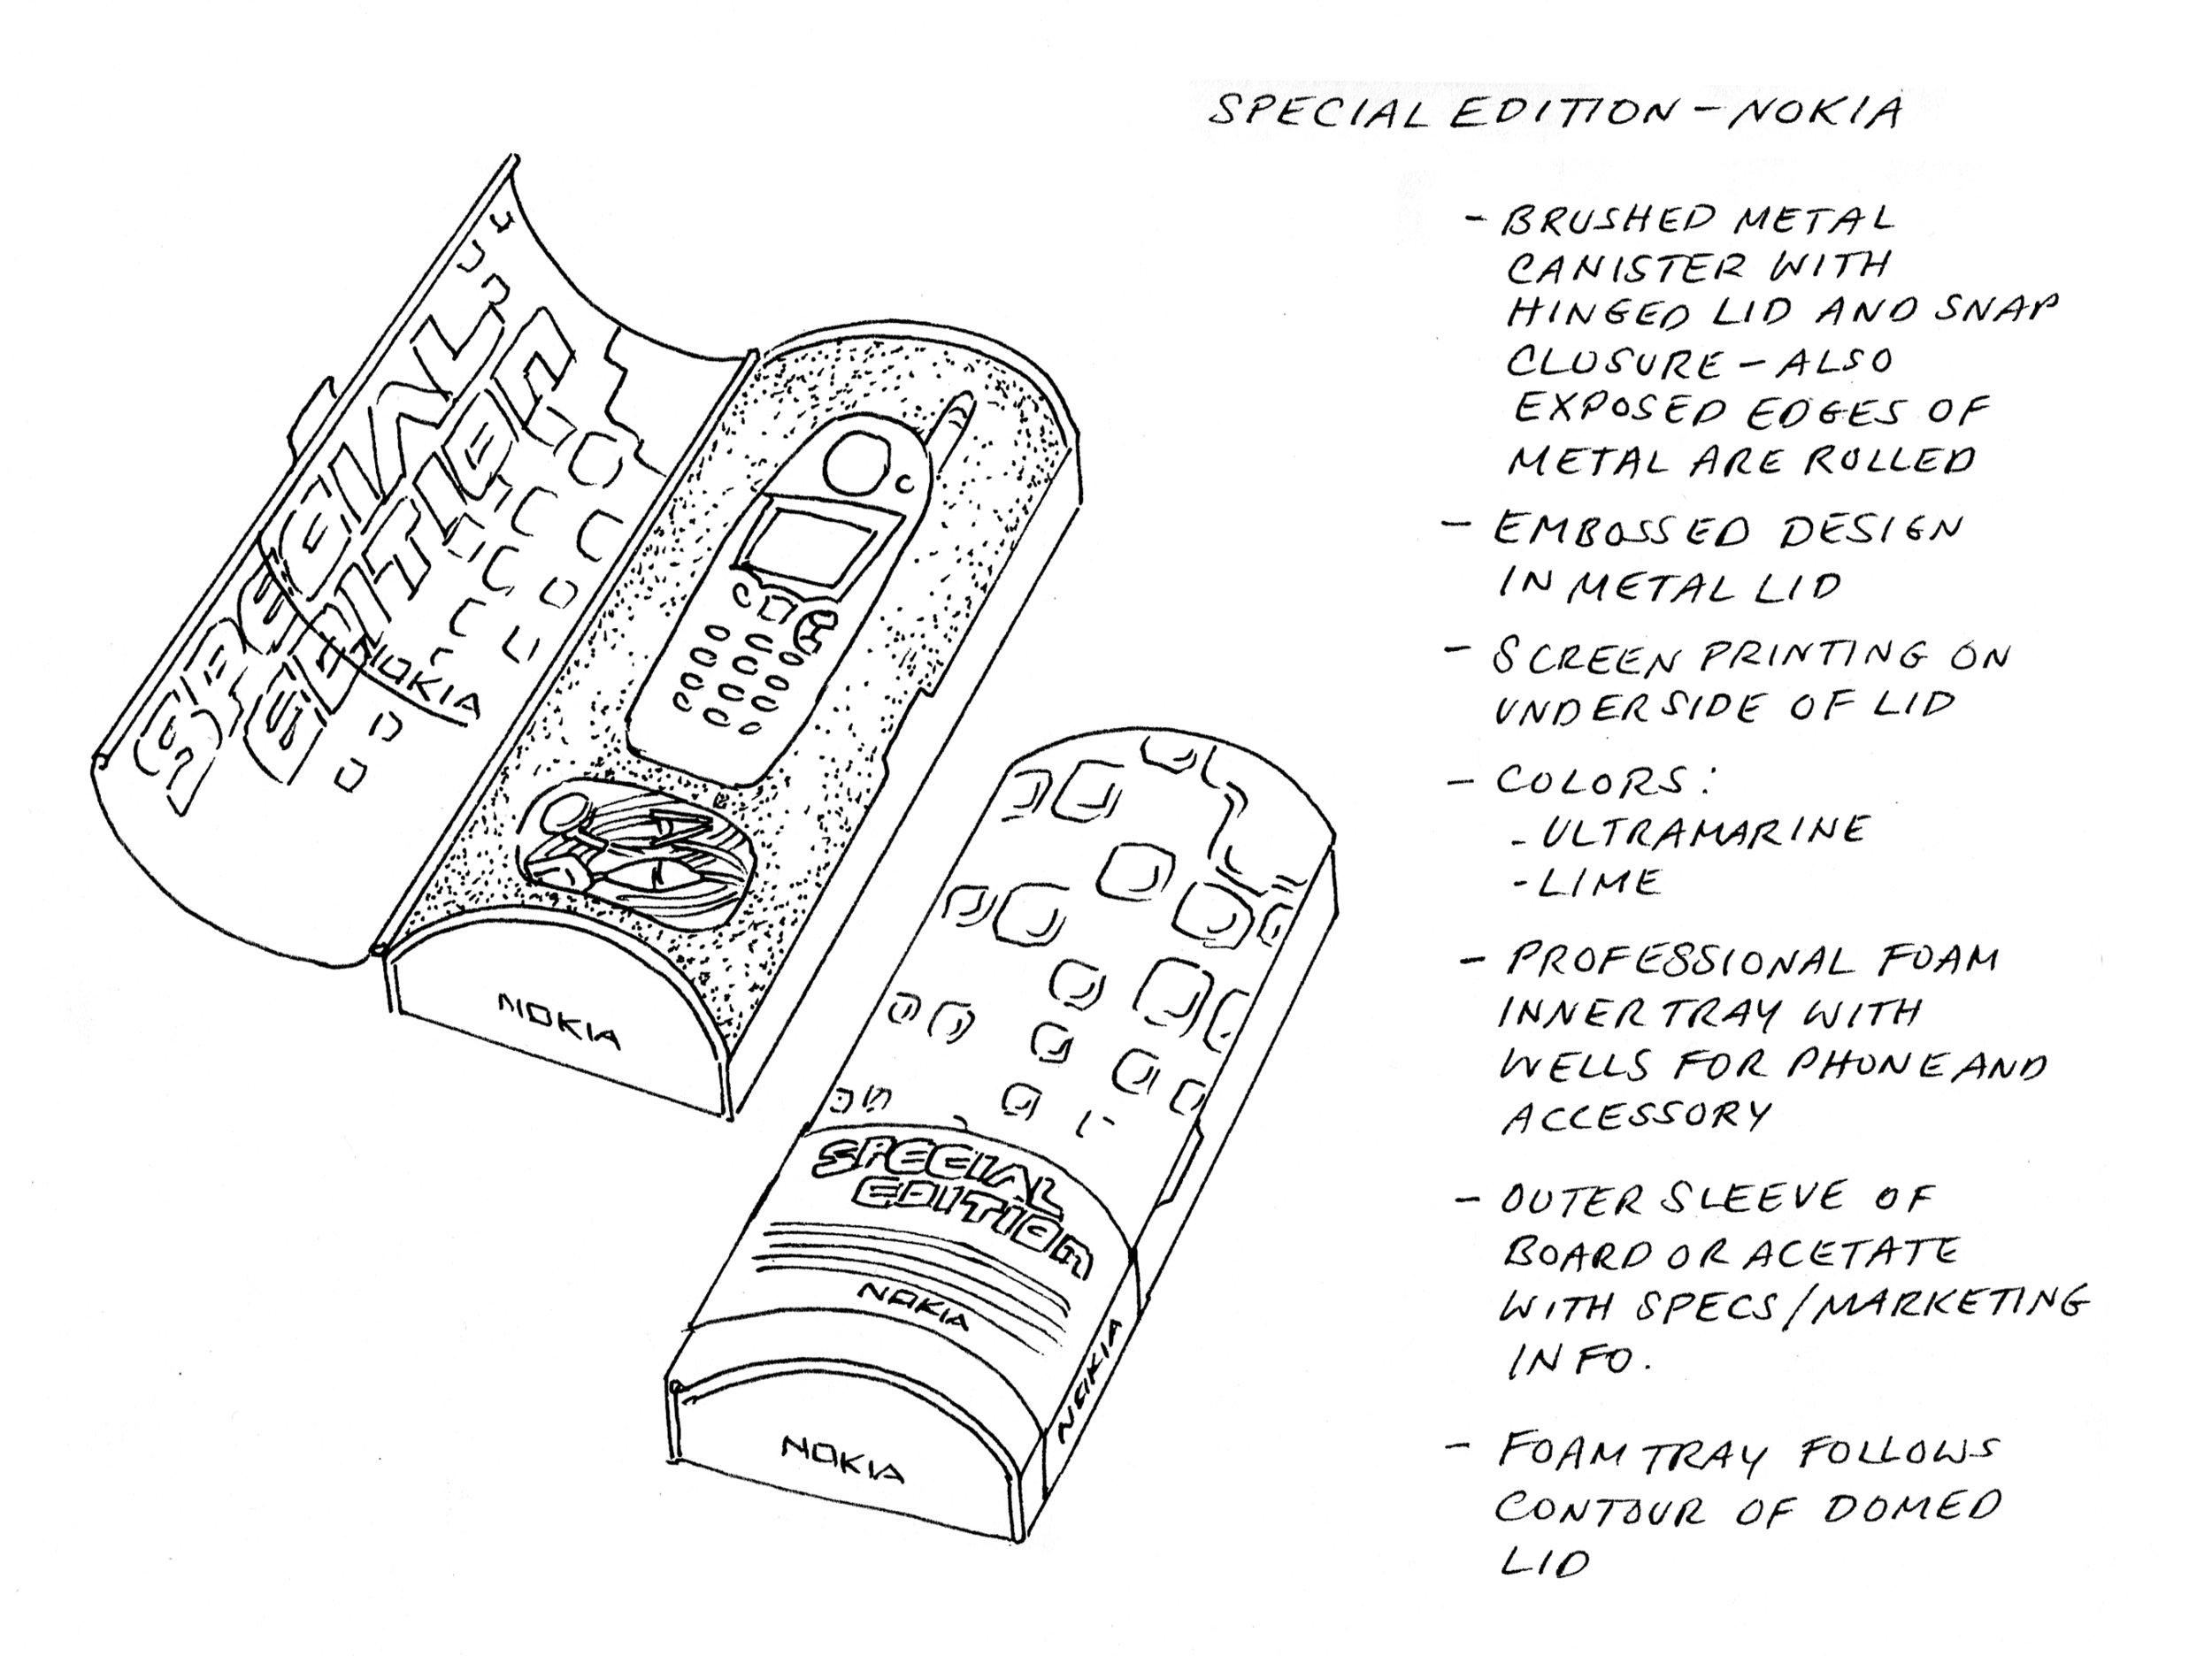 Nokia Concept005.jpg